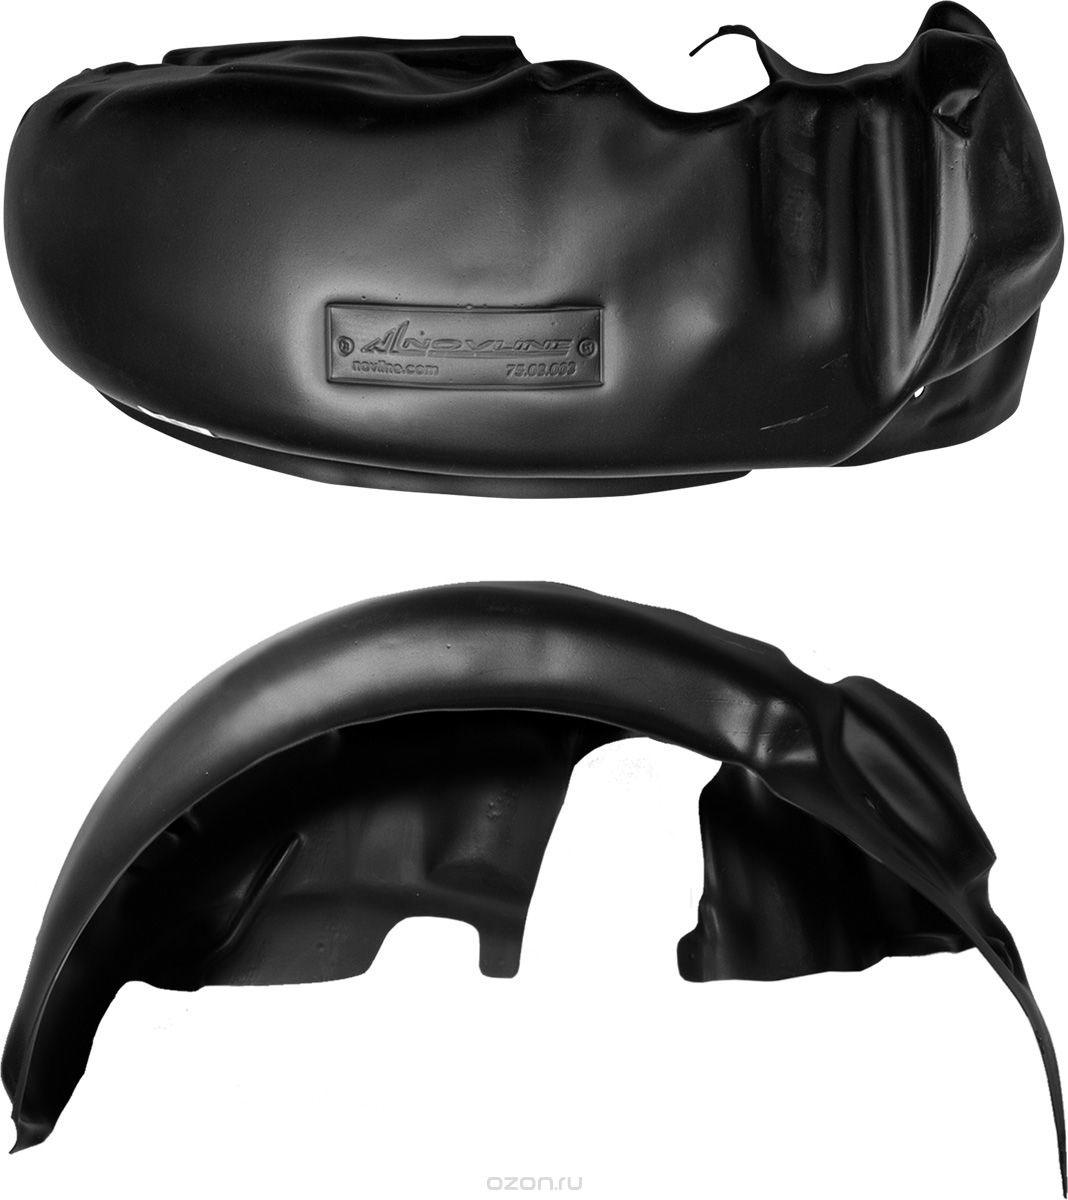 Подкрылок Novline-Autofamily, для HAVAL H8, 09/2015->, задний левый000414Идеальная защита колесной ниши. Локеры разработаны с применением цифровых технологий, гарантируют максимальную повторяемость поверхности арки. Изделия устанавливаются без нарушения лакокрасочного покрытия автомобиля, каждый подкрылок комплектуется крепежом. Уважаемые клиенты, обращаем ваше внимание, что фотографии на подкрылки универсальные и не отражают реальную форму изделия. При этом само изделие идет точно под размер указанного автомобиля.